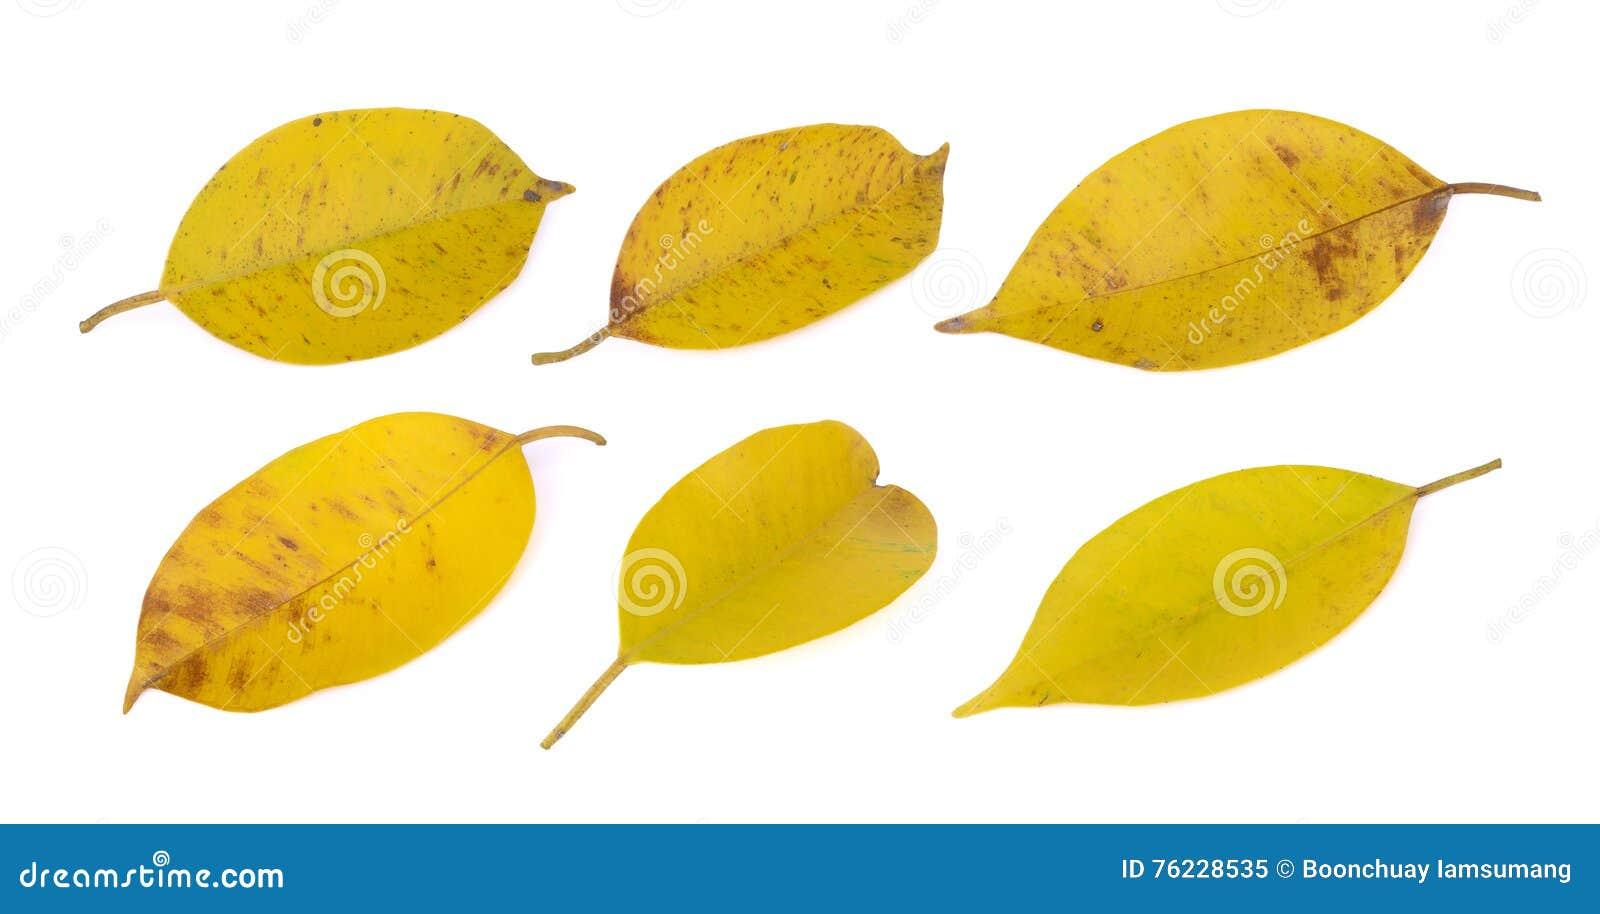 染黄的叶子(印度榕树)在白色